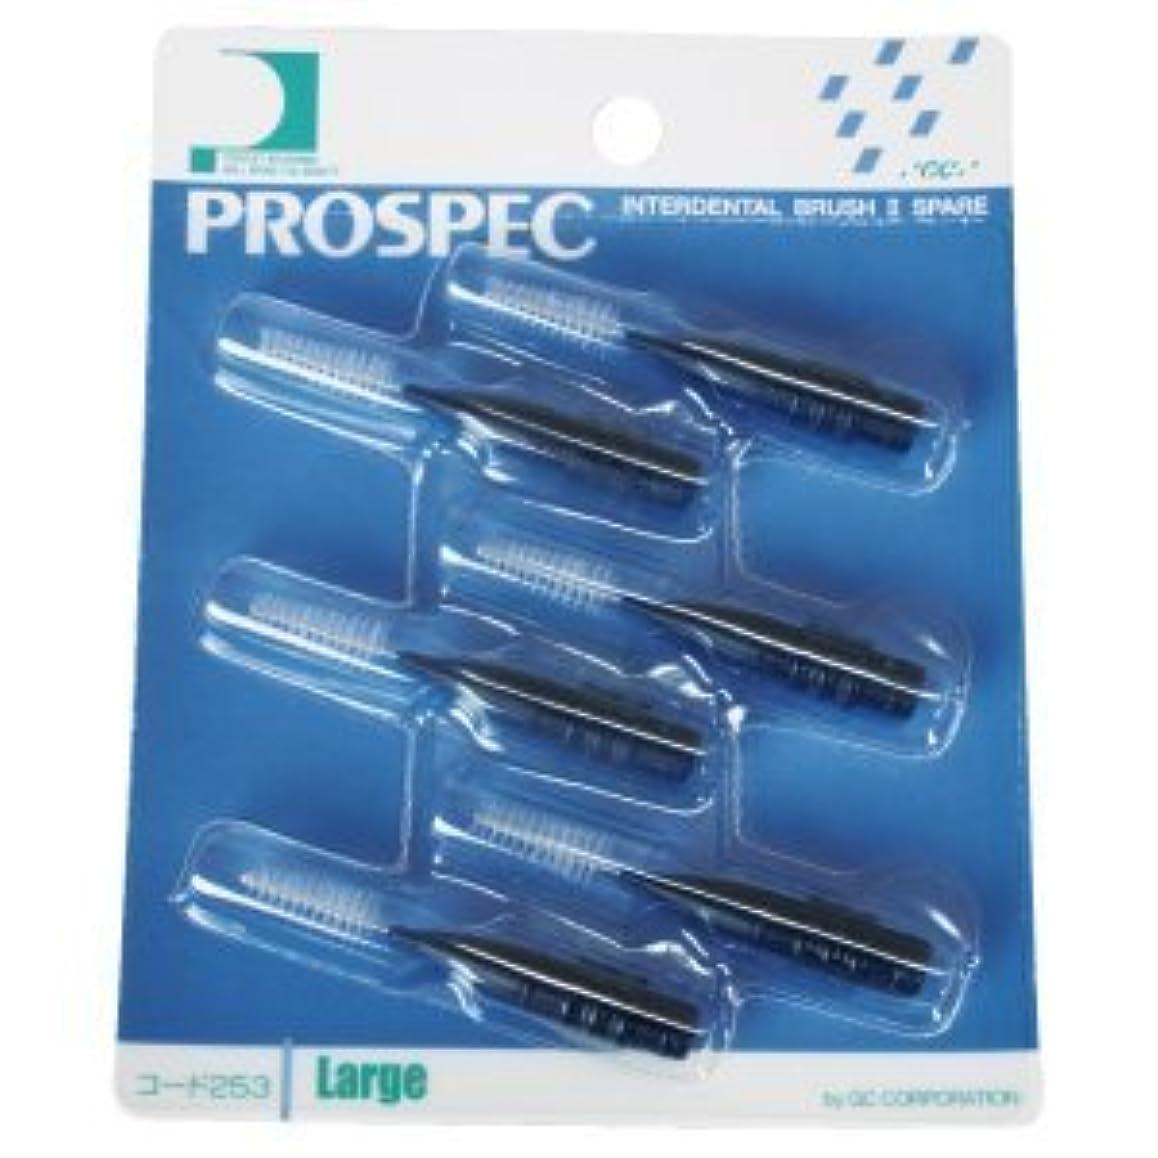 標準寄り添うミネラルプロスペック 歯間ブラシII スペアー/L/1パック(6本入り)